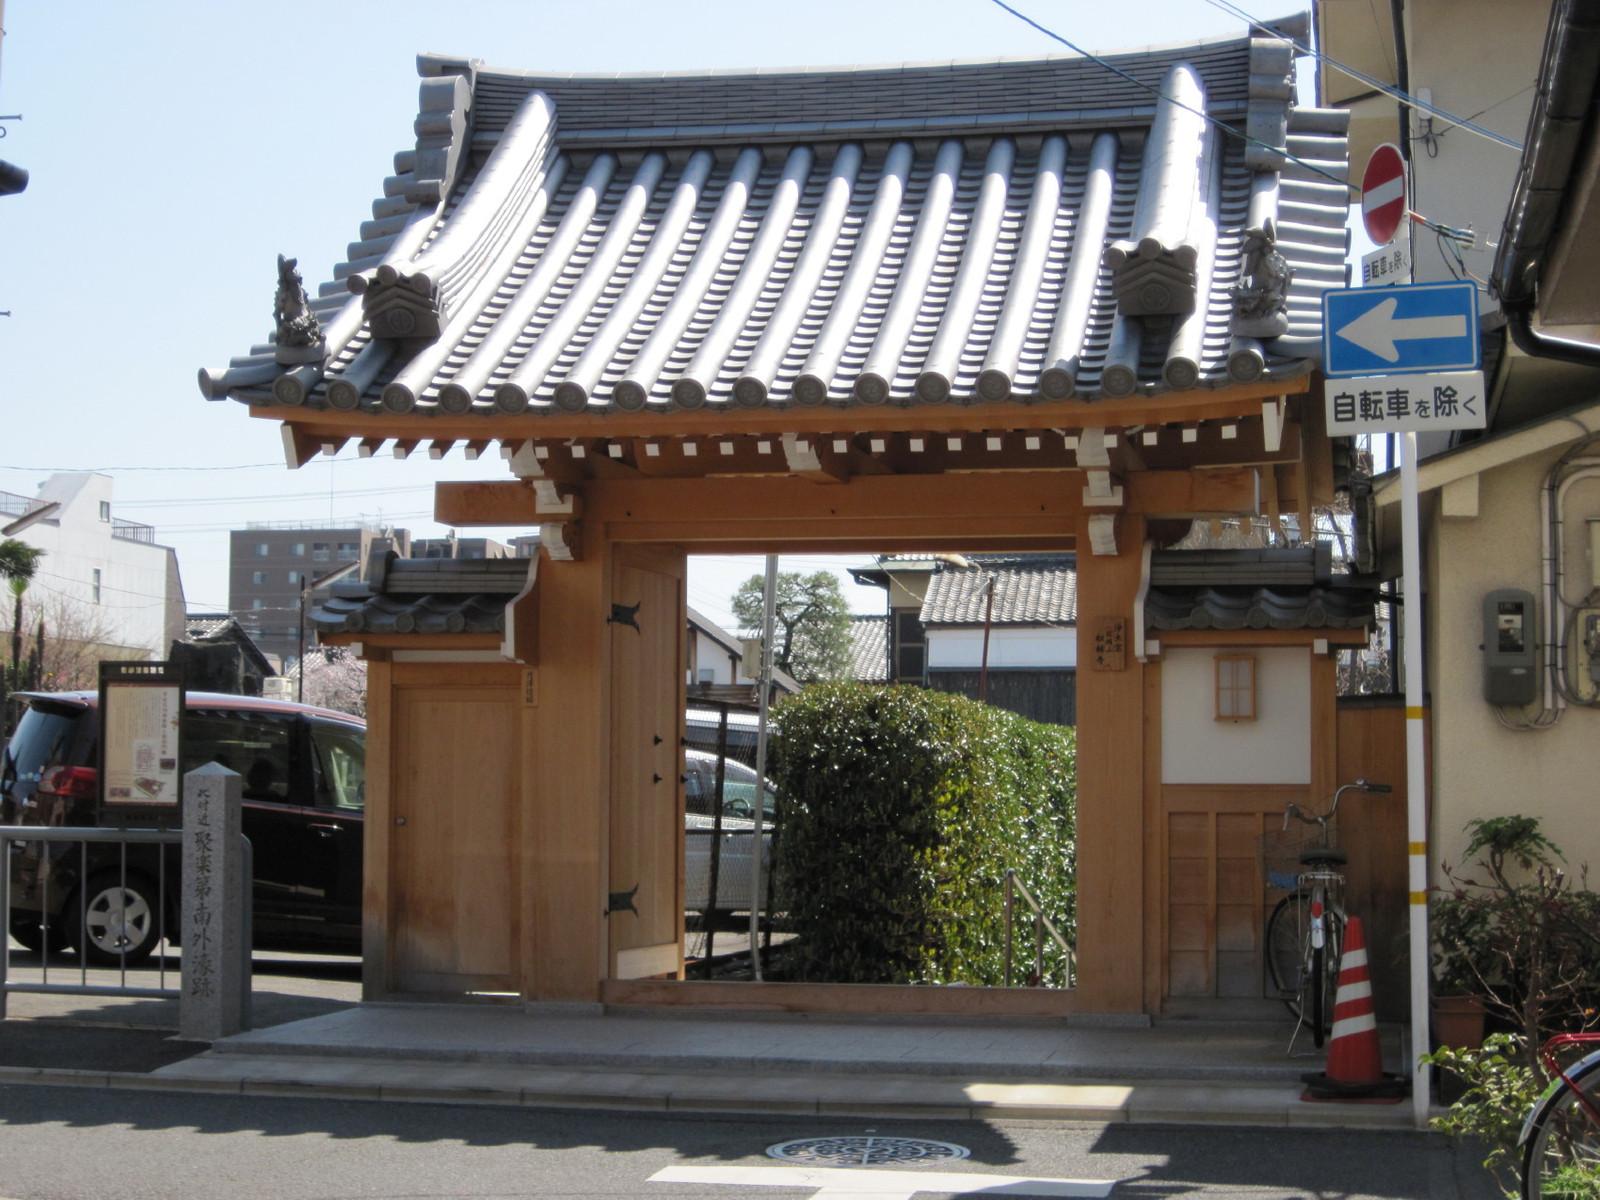 戦国の城と城跡 ・ 京都、聚楽第 (二) 秀吉は天正16年(1588年)後 ...